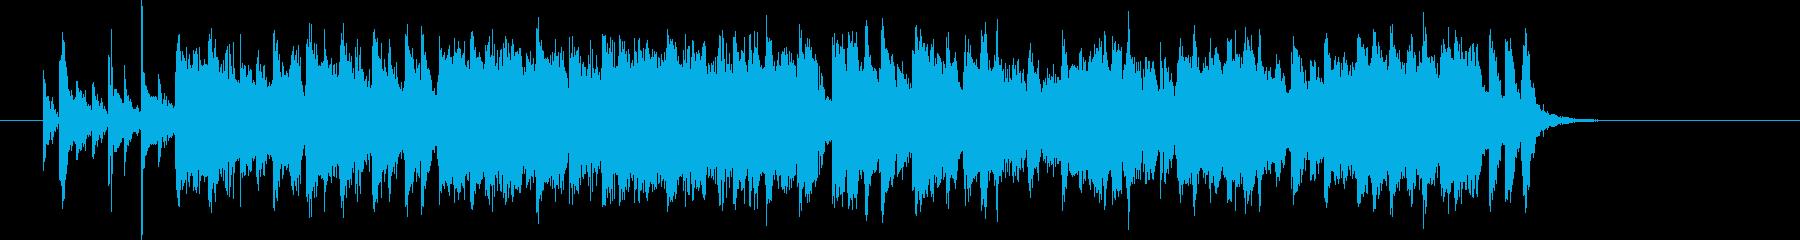 明るくて元気なロックなジングル曲の再生済みの波形